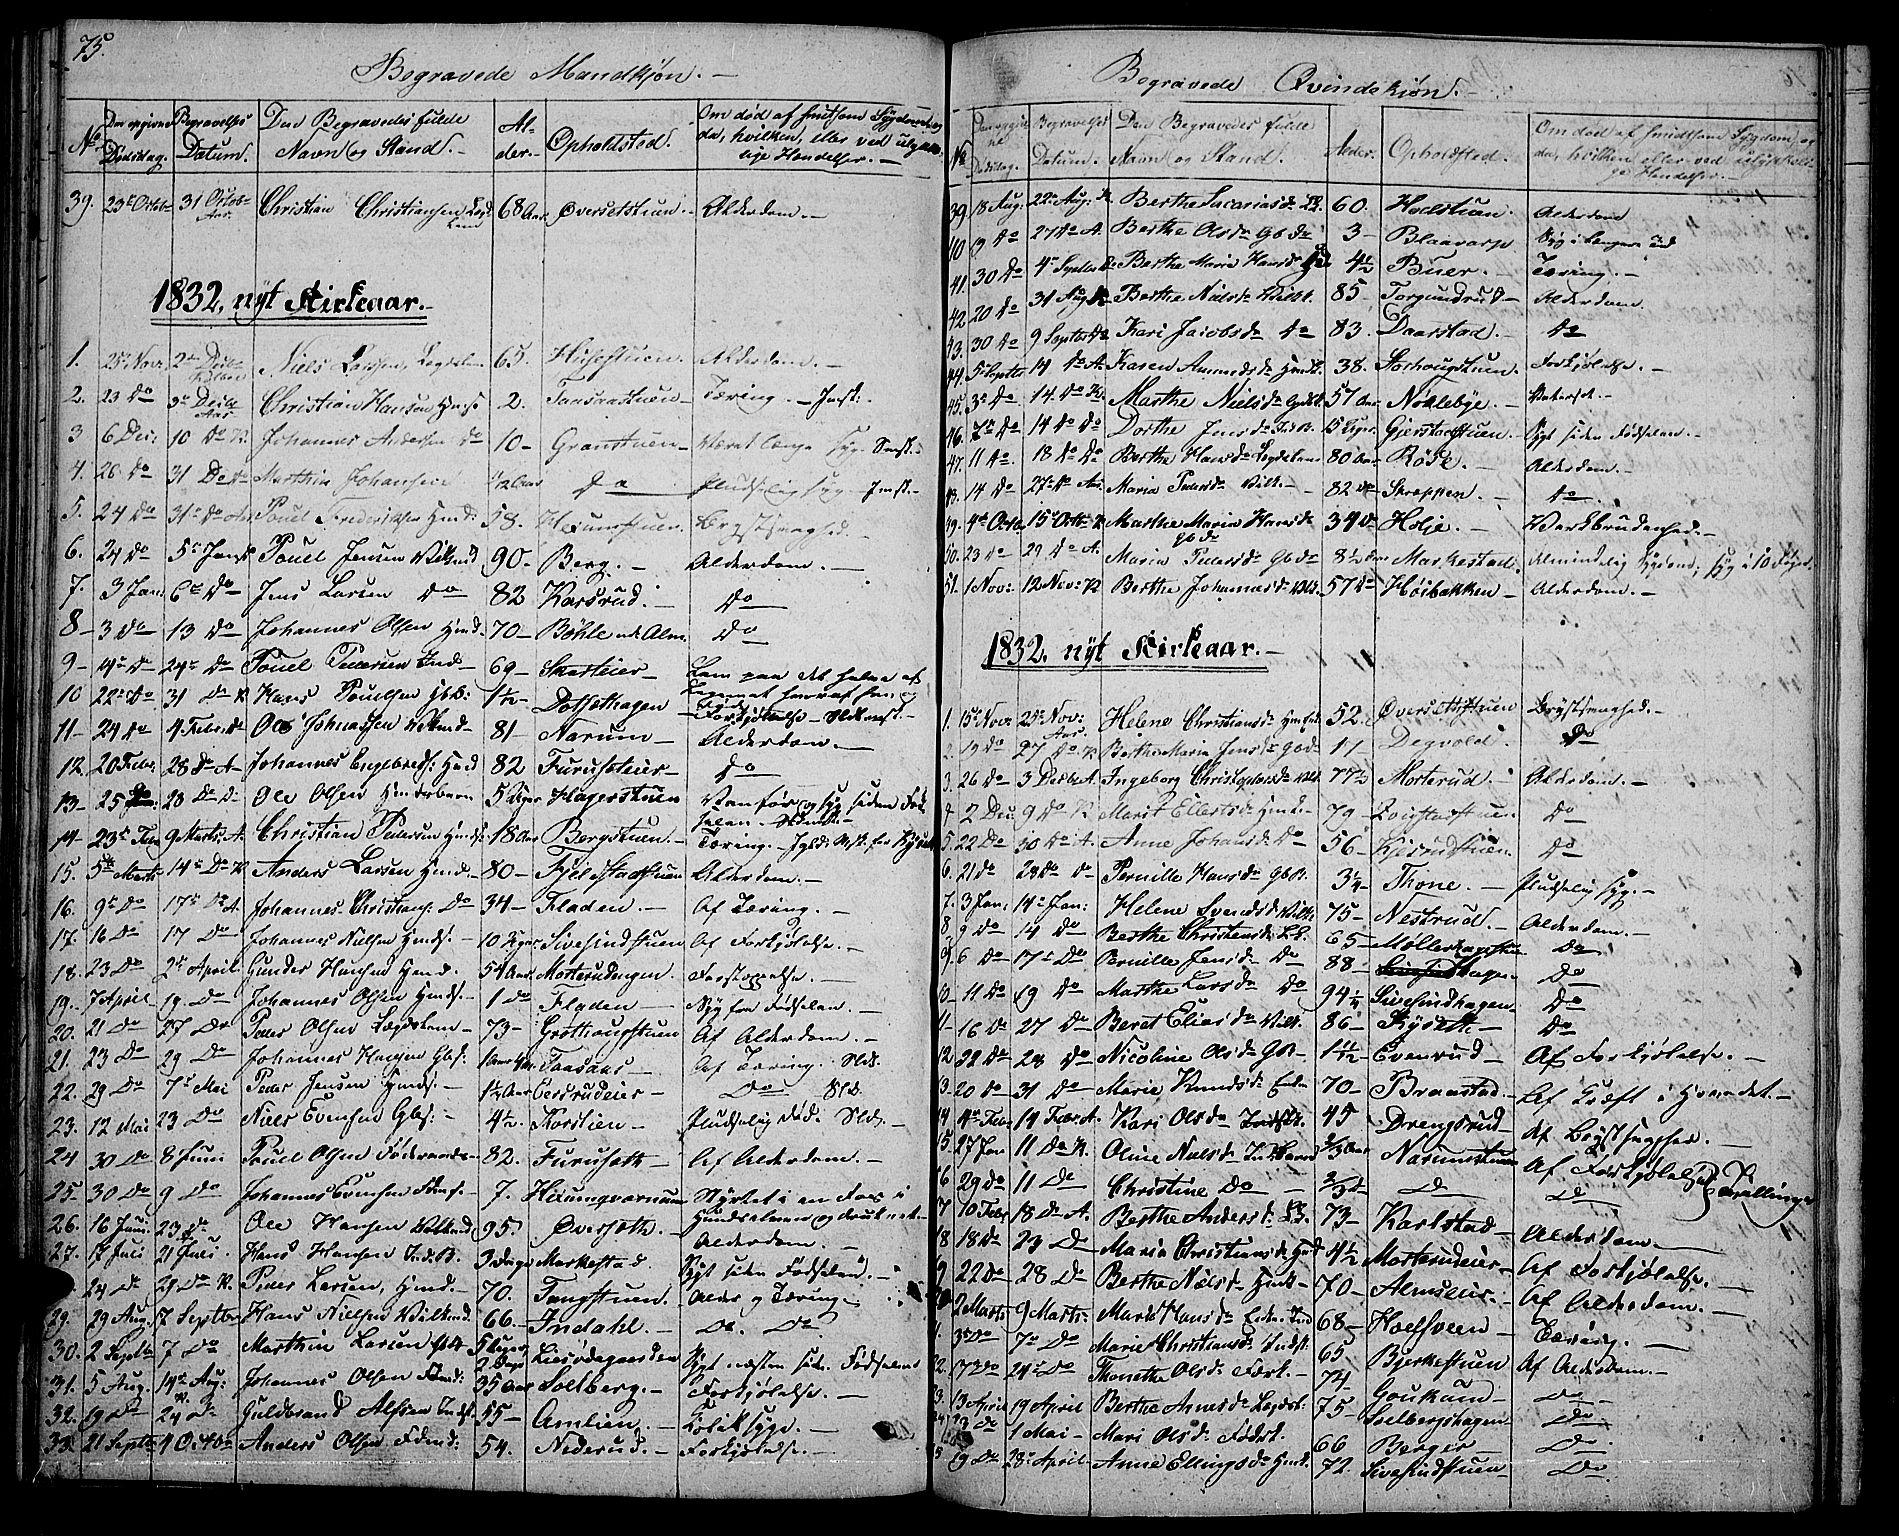 SAH, Vestre Toten prestekontor, Klokkerbok nr. 1, 1830-1836, s. 75